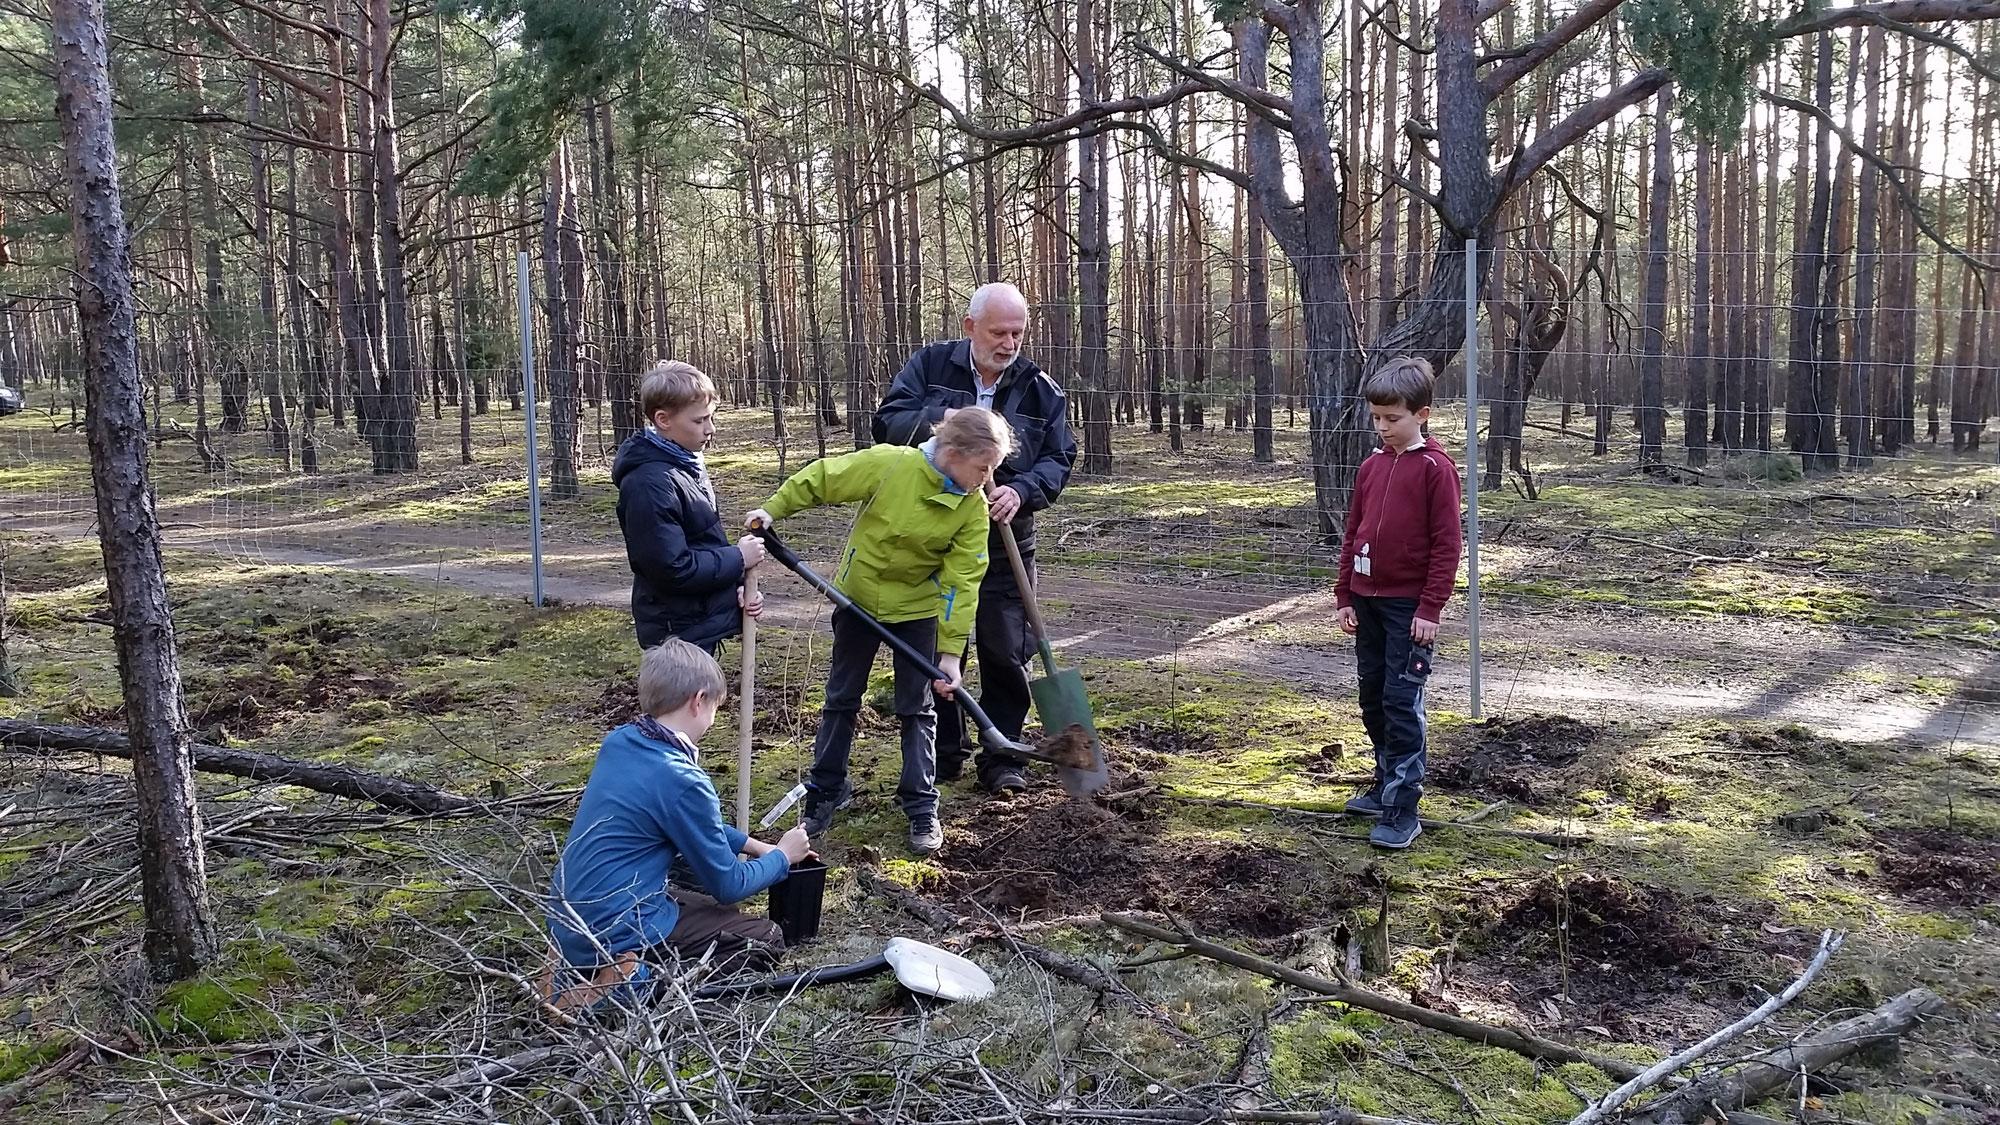 Pflanzaktion für die Zukunft des Waldes